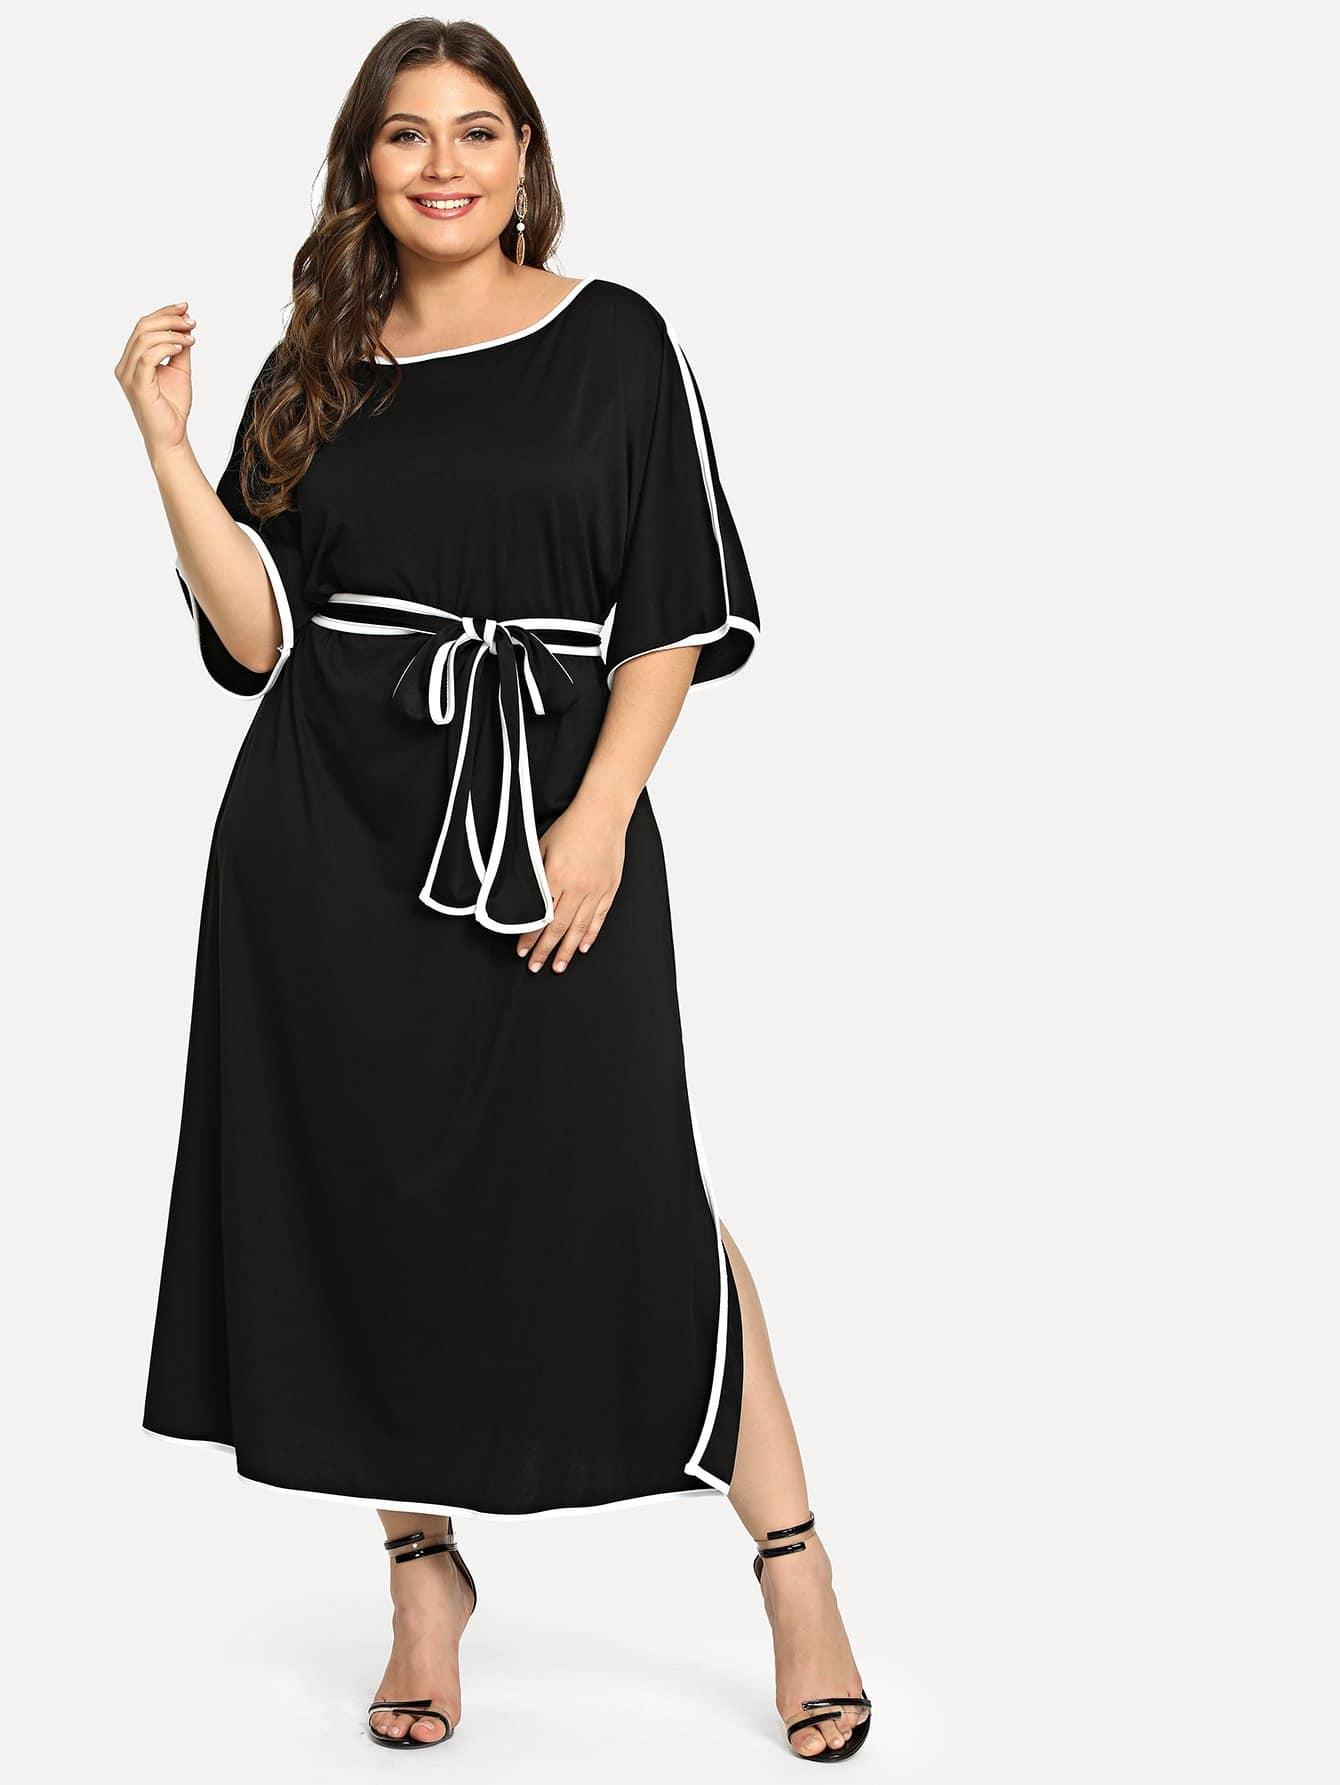 Купить Повседневные с поясом Чёрные Платья большого размера, Carol, SheIn